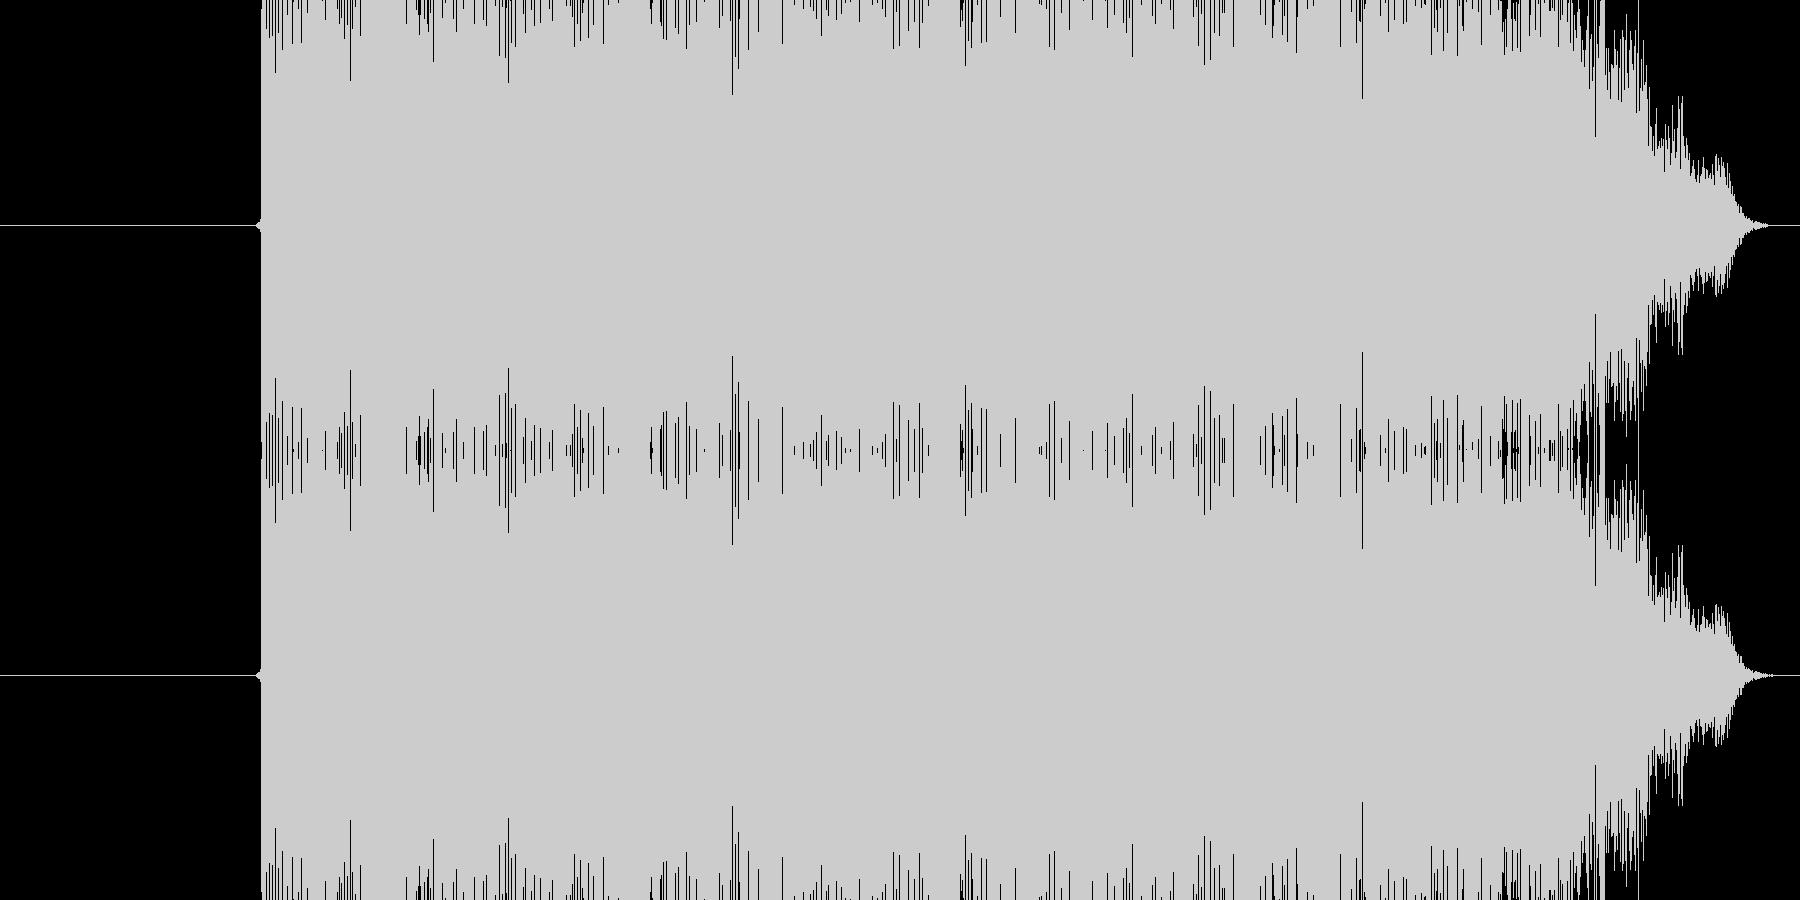 ジリリリン(電話のベルの鳴る音)の未再生の波形